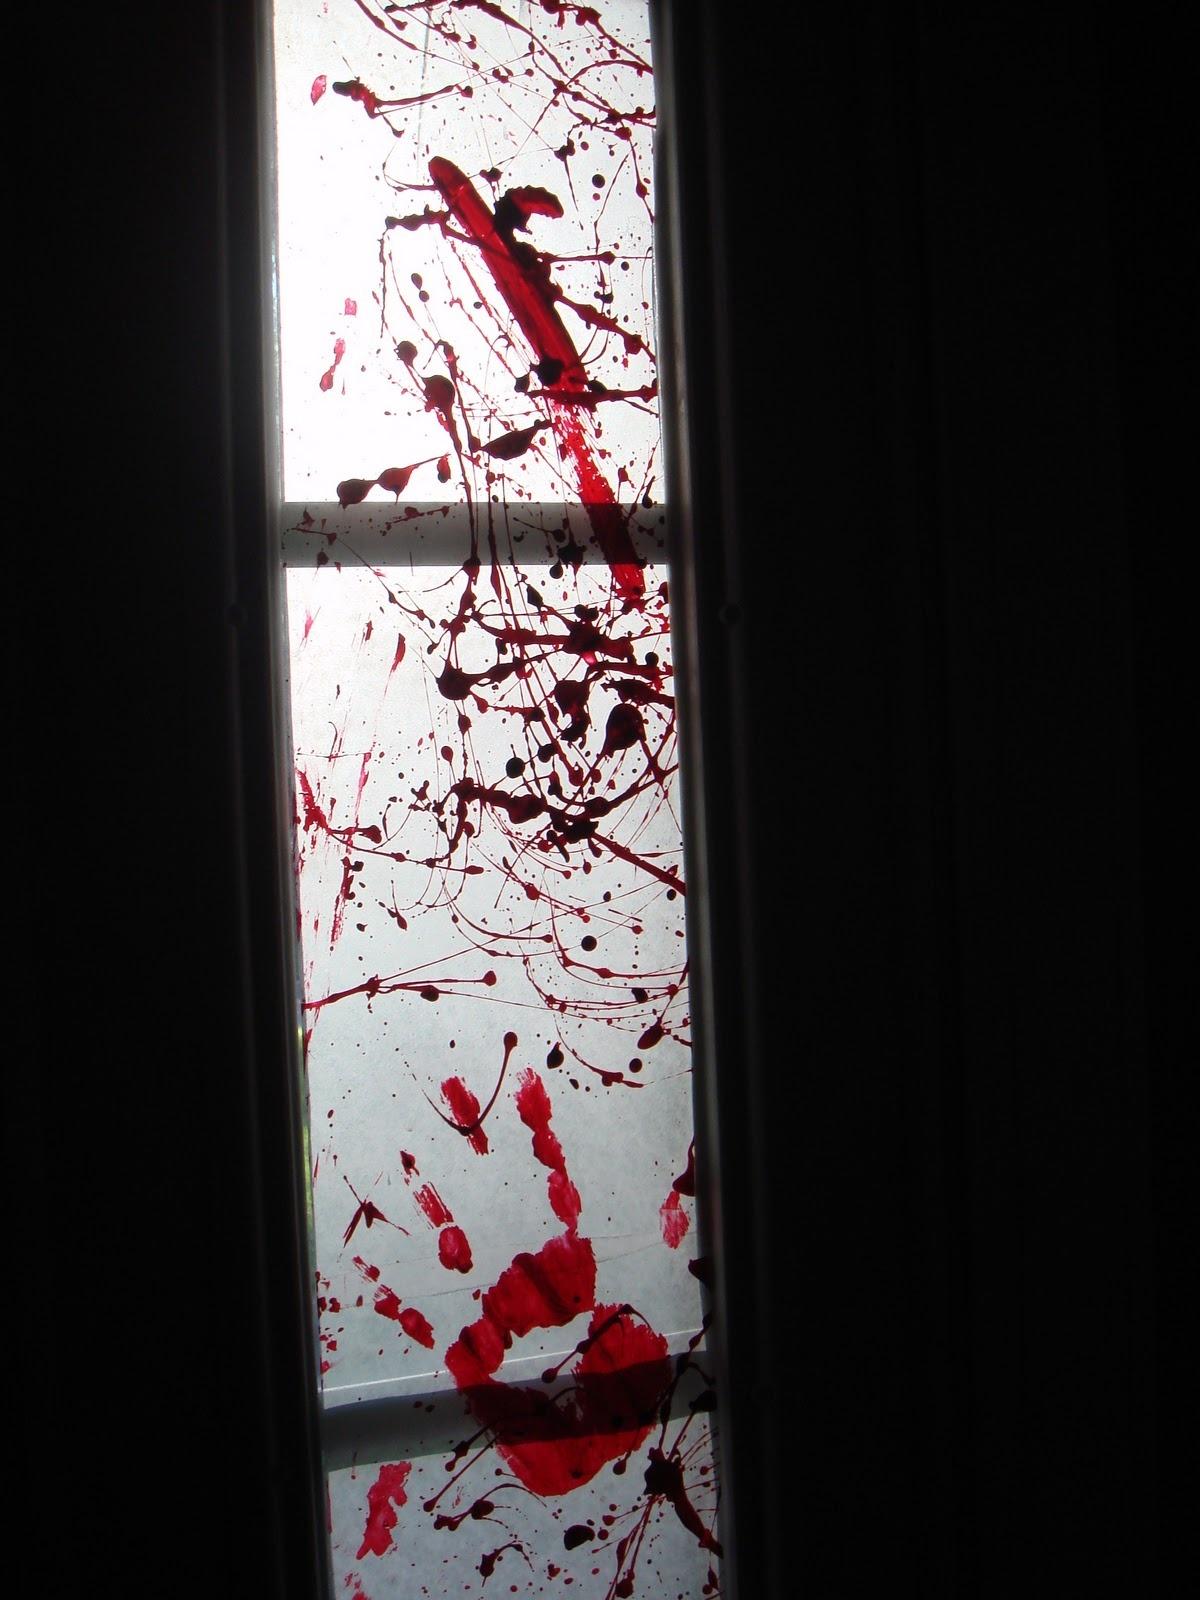 Blood Splatter Galore